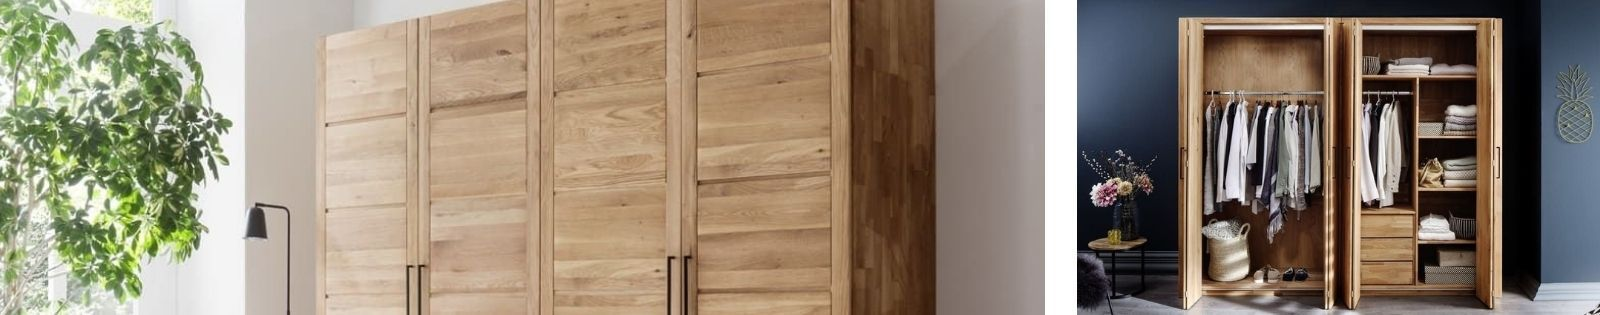 Armoire en bois massif : chêne, hevea, acacia, teck, bambou, rotin. Meubles pour la chambre. Lotuséa